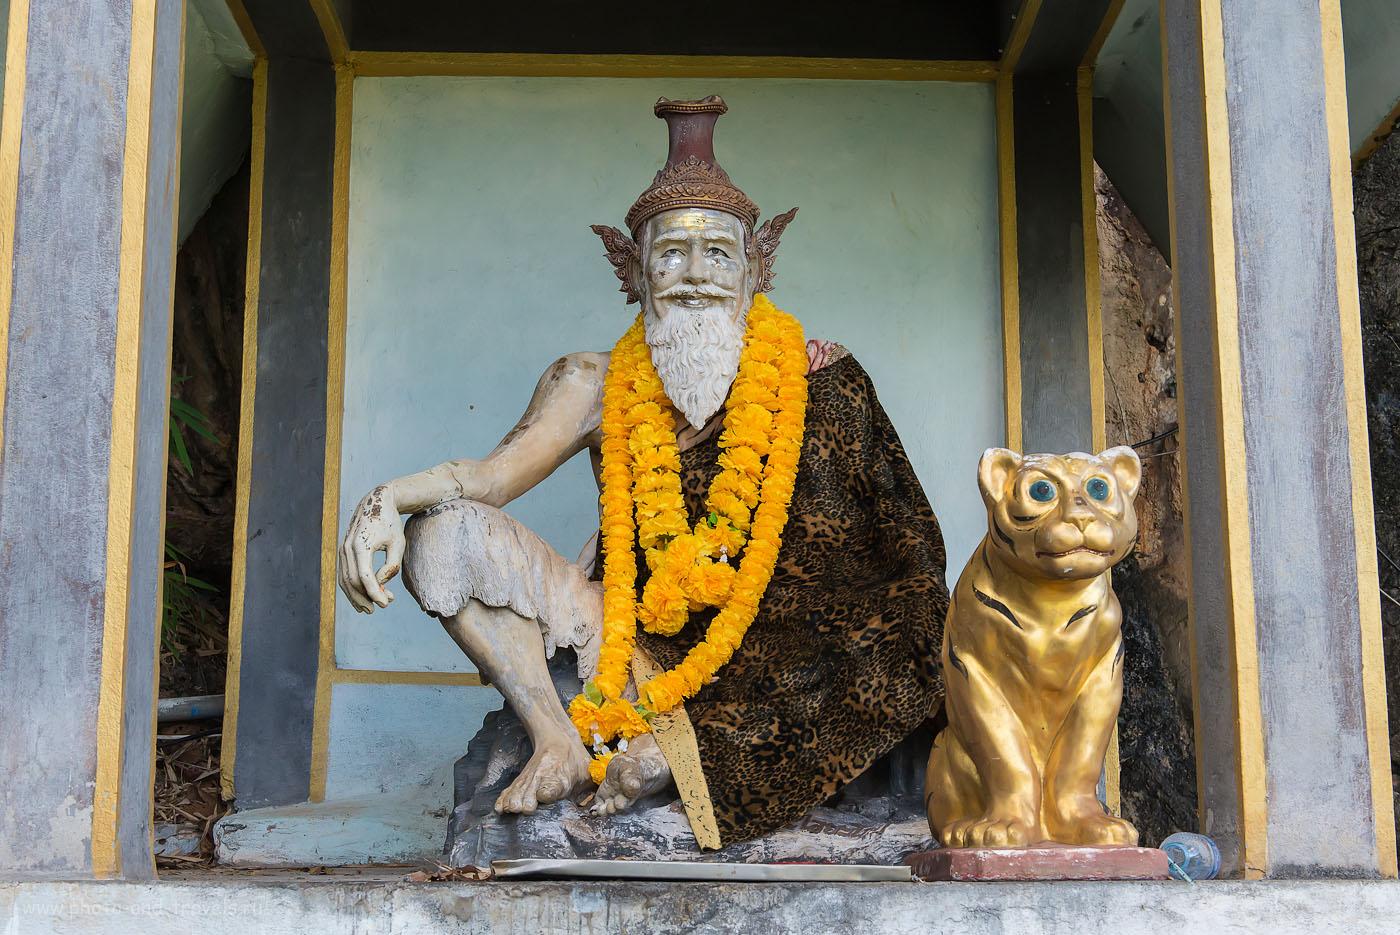 Фотография 13. Как мы самостоятельно отправились на экскурсию в Wat Tham Suea на Краби. Отзыв о туре по Таиланду за рулем машины, взятой в аренду. Монах и тигр (1000, 44, 10, 1/200)